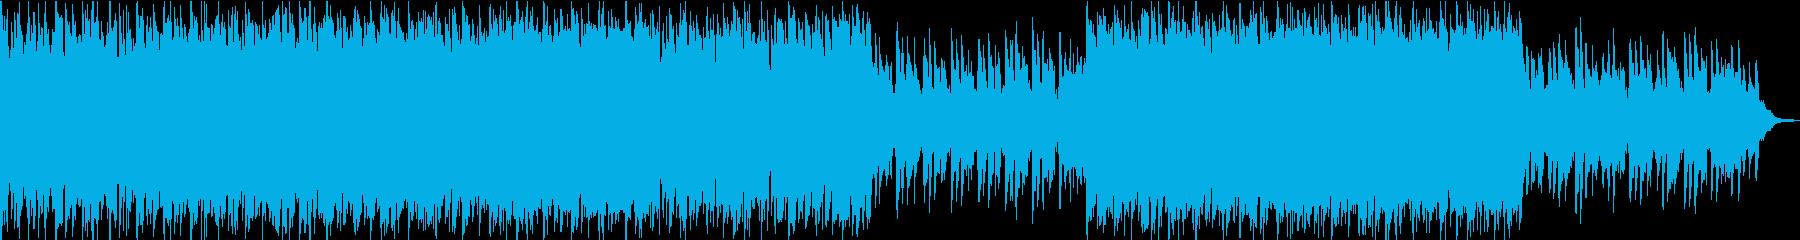 フュージョン ジャズ ほのぼの 幸...の再生済みの波形